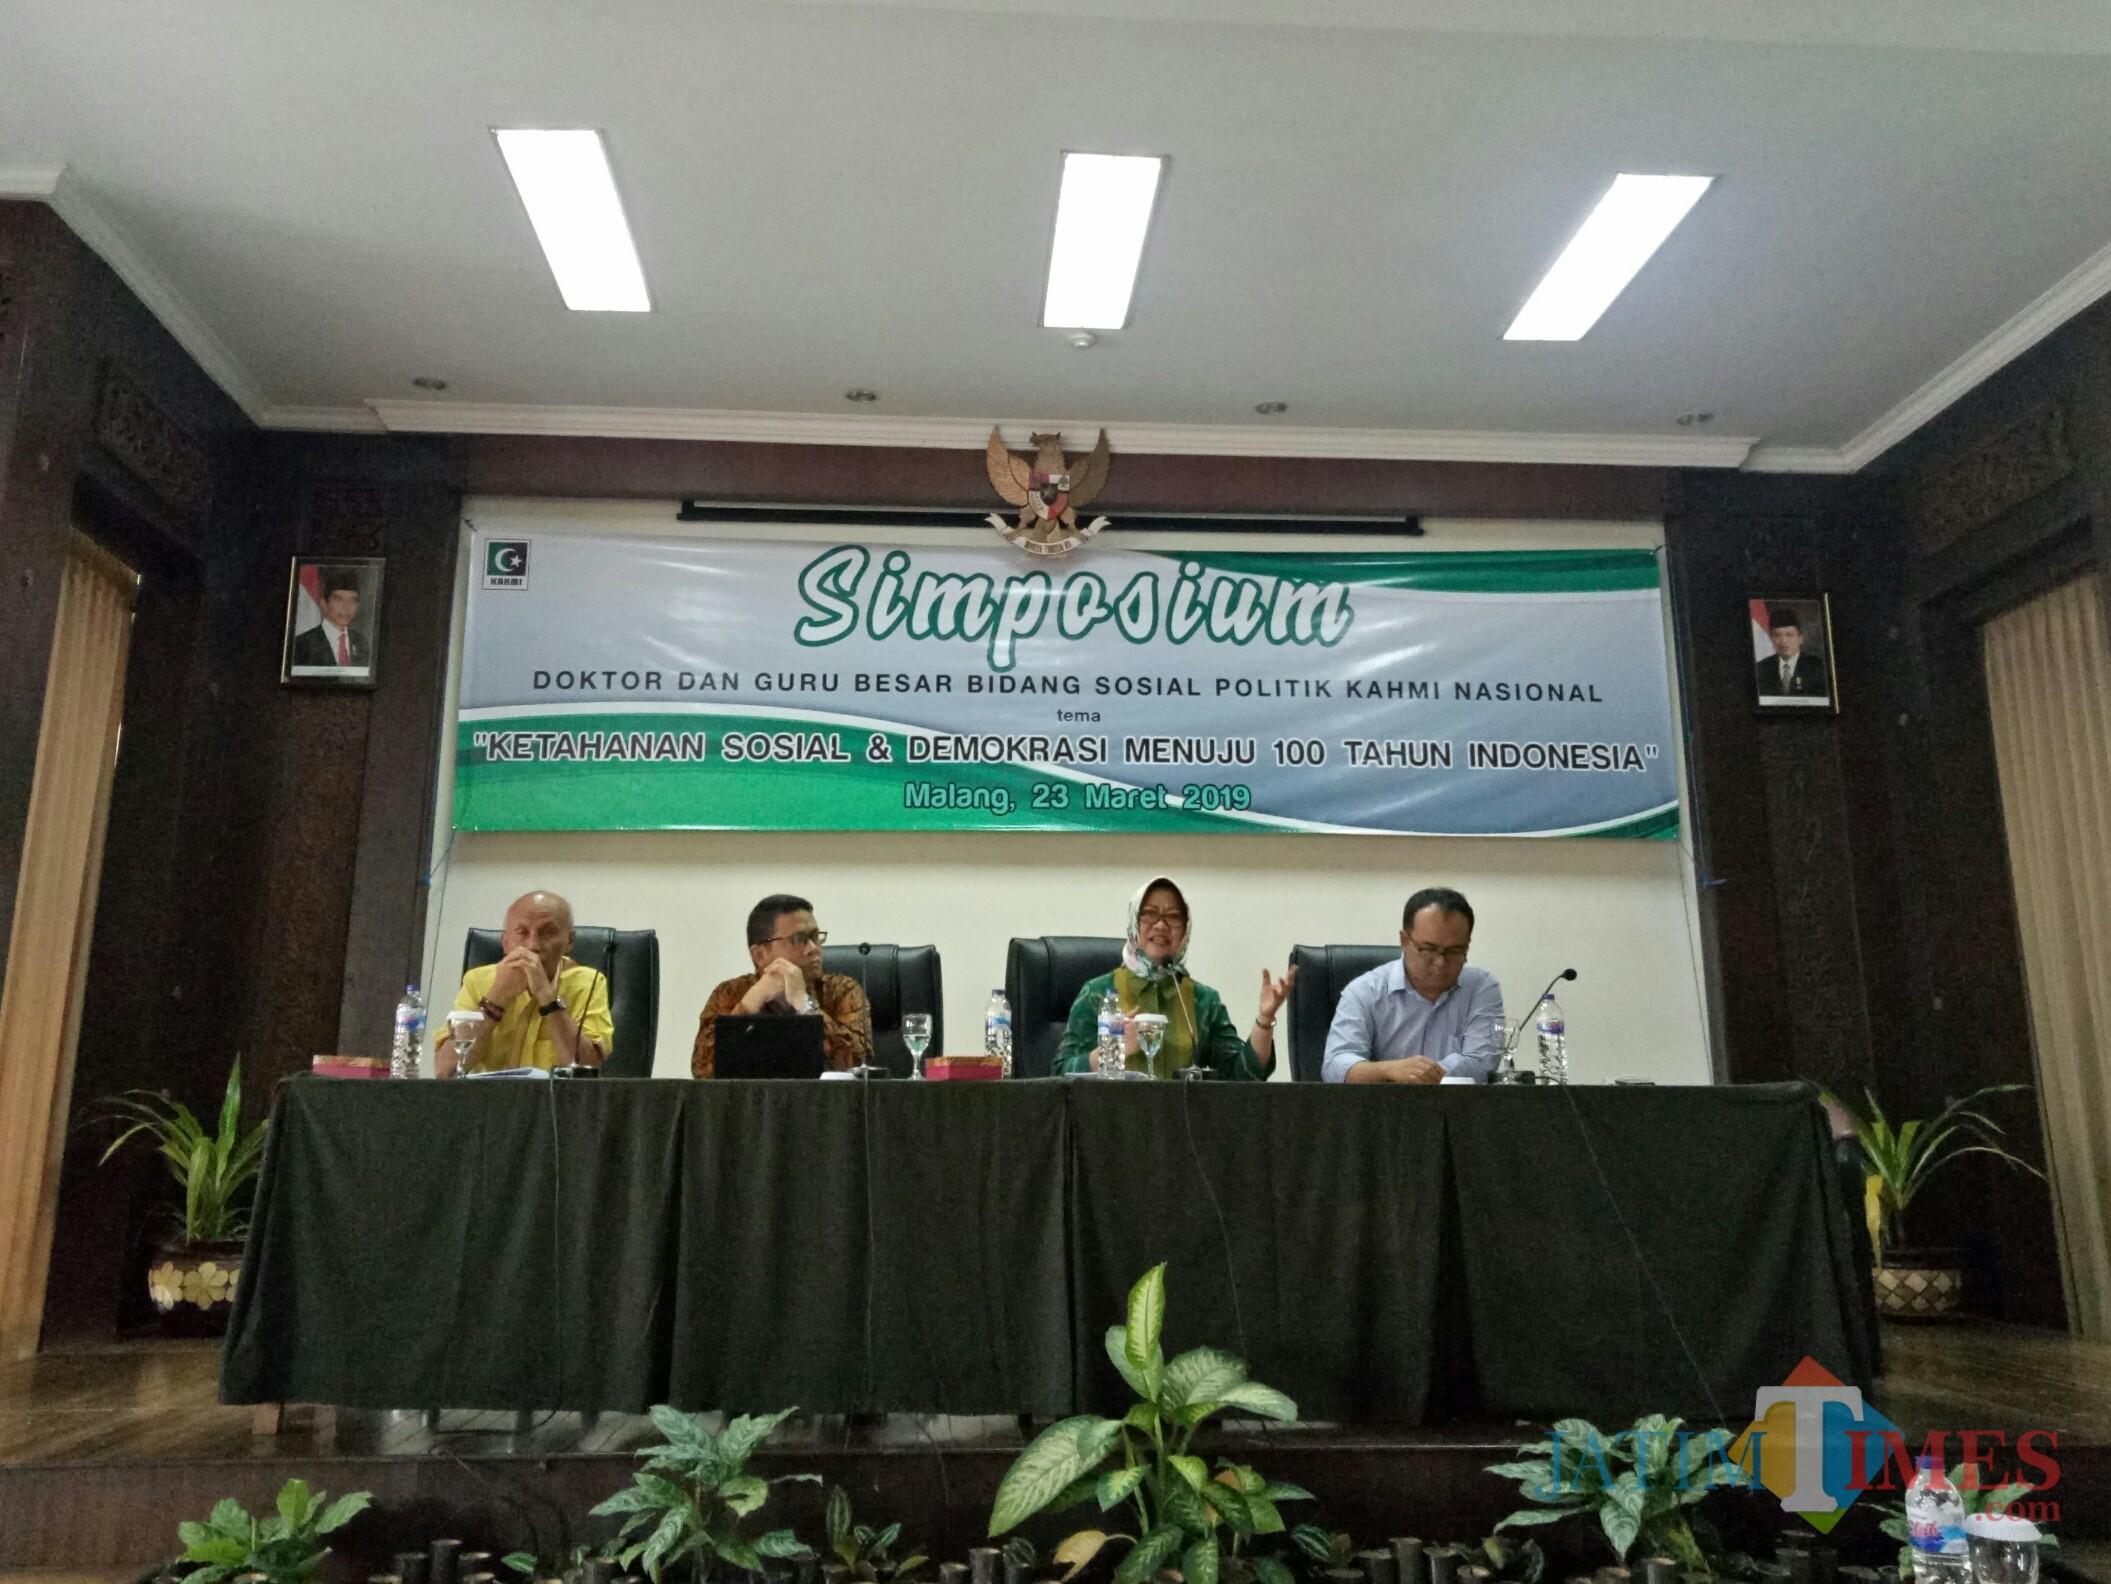 Ahli politik LIPI Prof Siti Zuhro PhD (kedua dari kanan) (Foto: Imarotul Izzah/MalangTIMES)